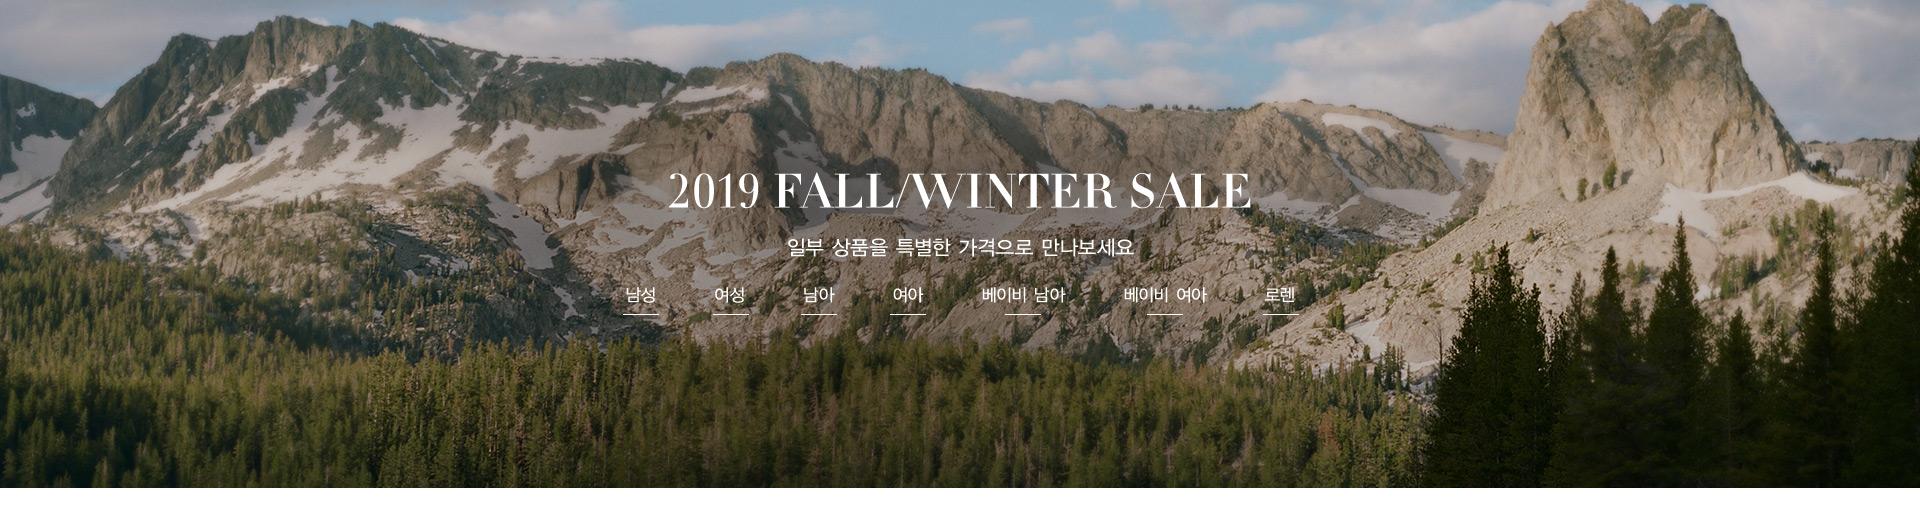 2019 FALL/WINTER SALE 일부 상품을 특별한 가격으로 만나보세요